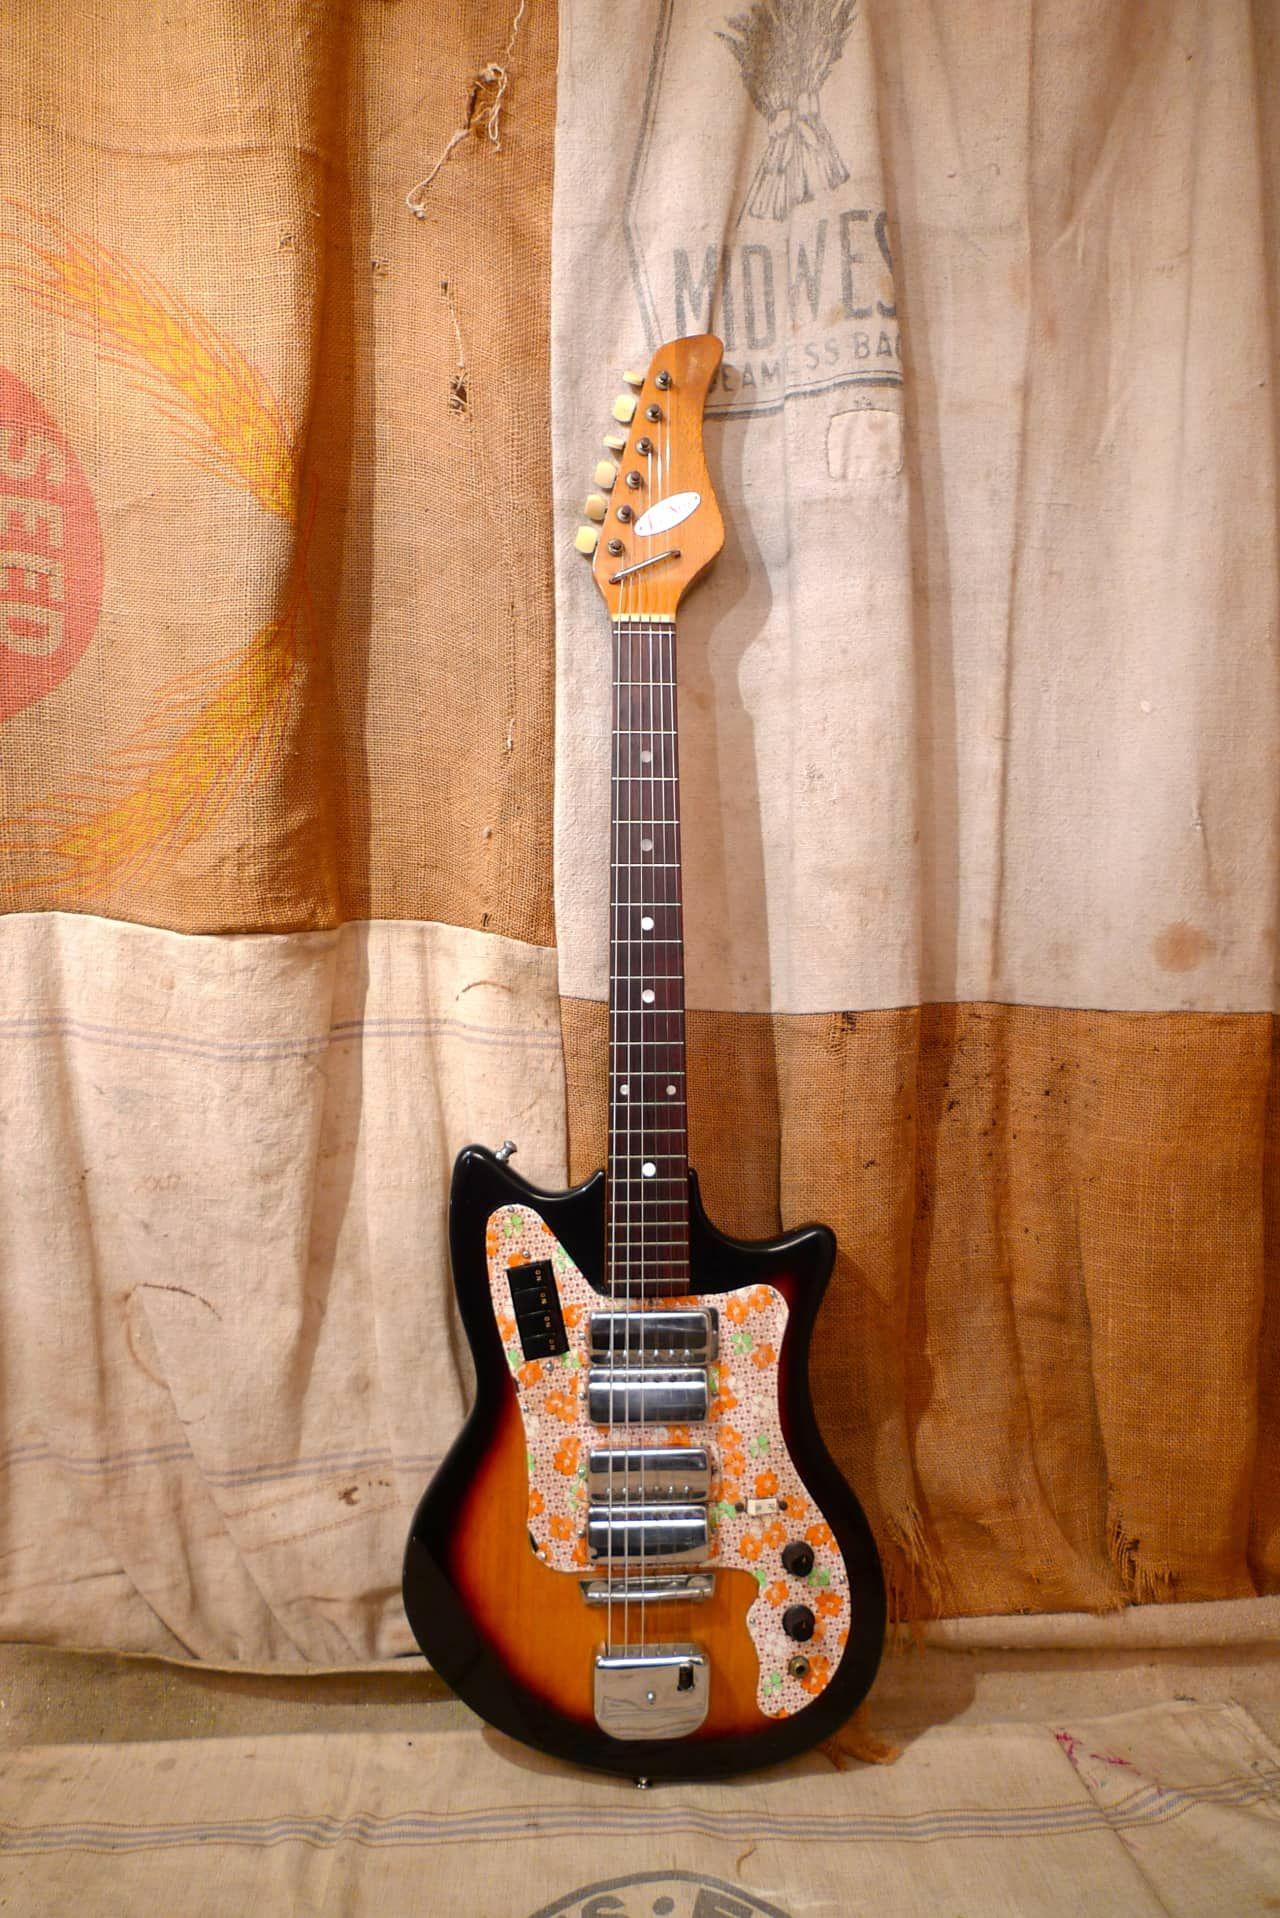 Telestar Solid Body 1960 S Sunburst Southside Guitars Reverb Vintage Guitars Acoustic Guitar Vintage Guitars For Sale